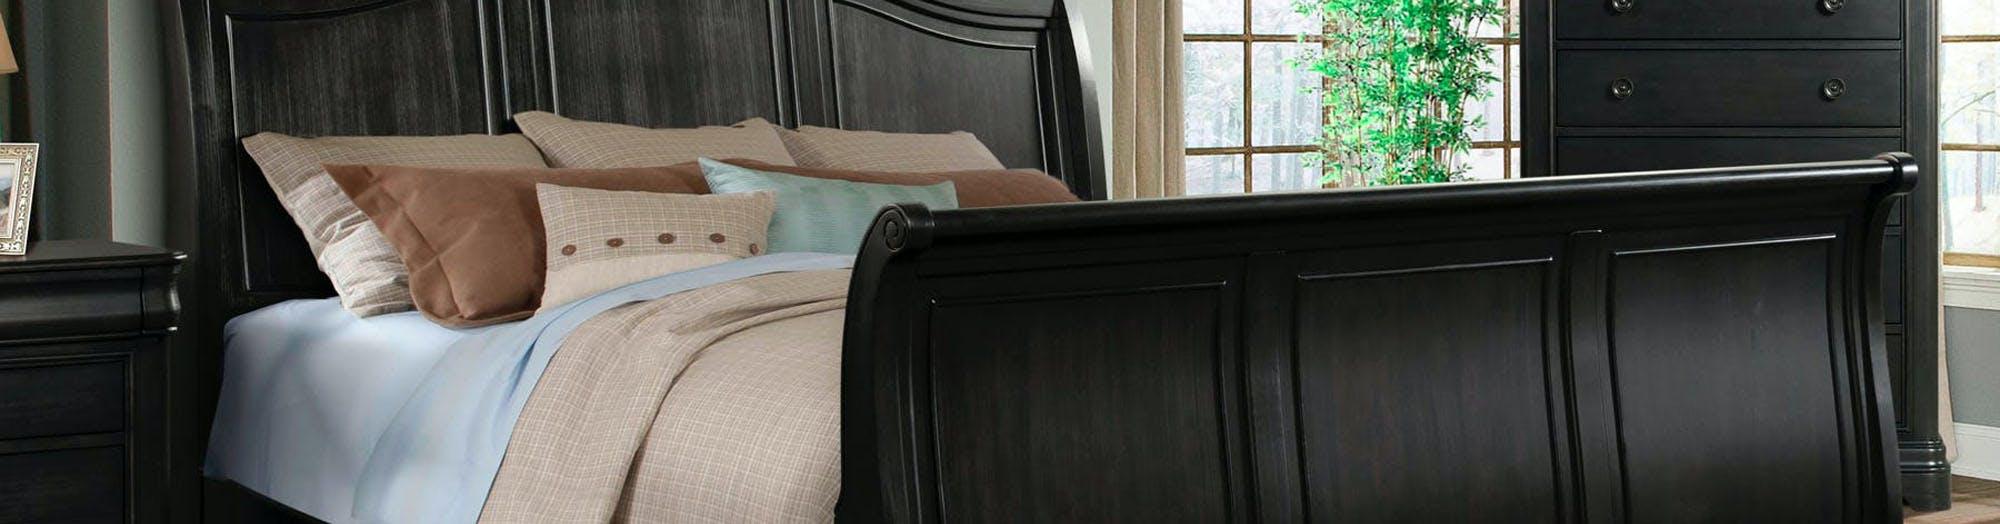 Shop For Beds New in House Designer bedroom